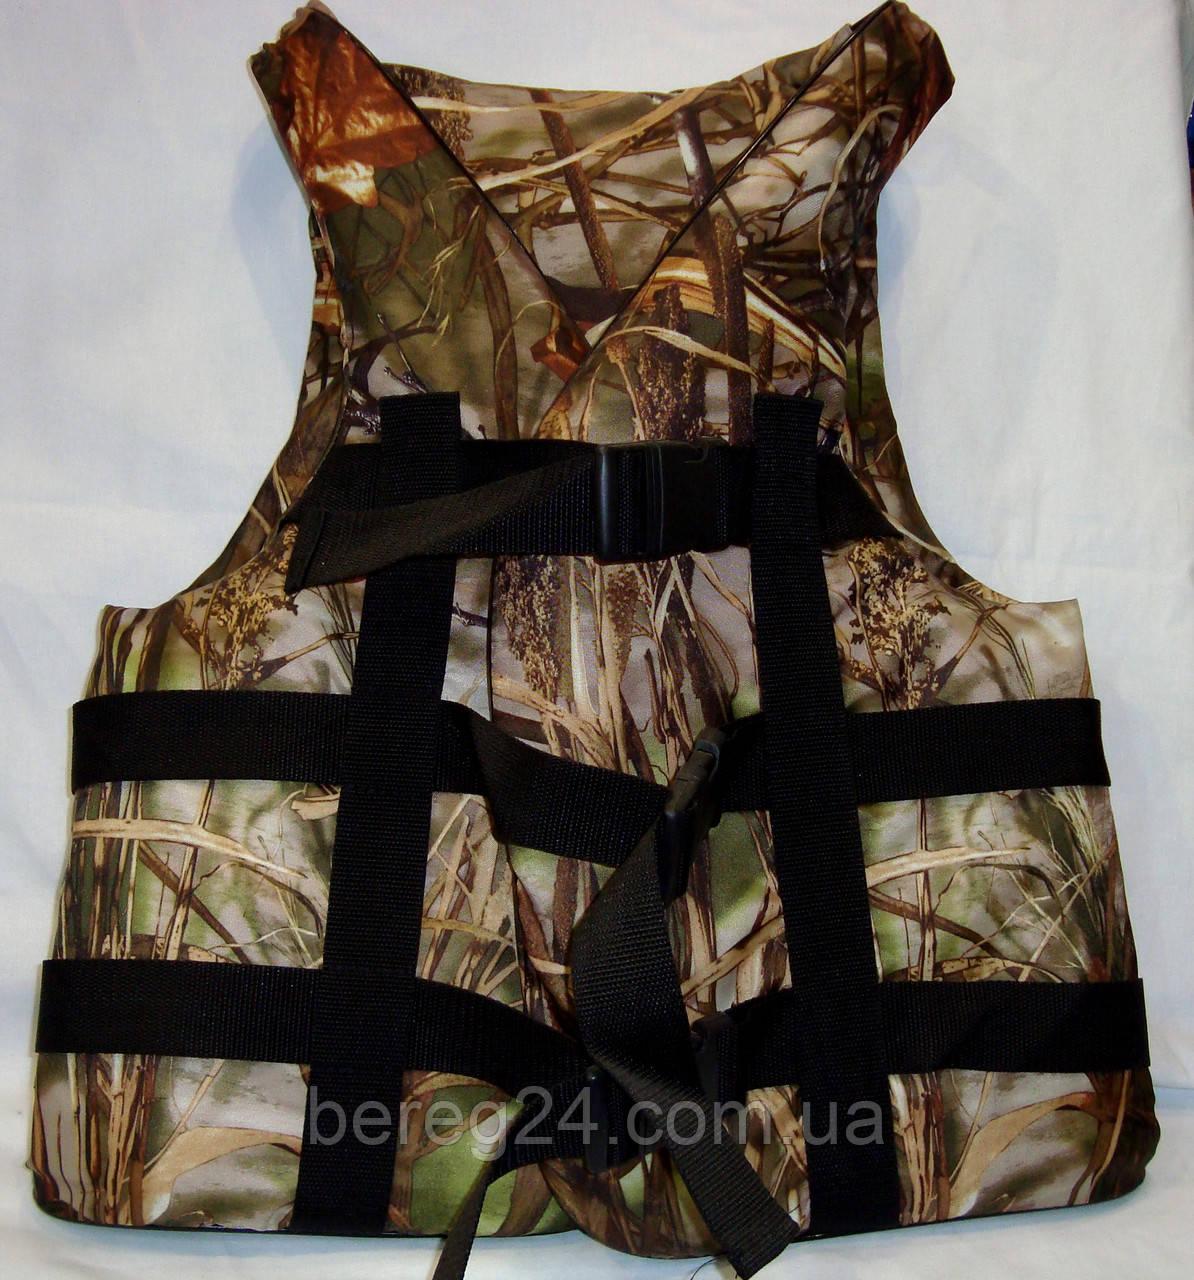 Спасательный жилет для рыбалки, охоты 90-110 кг Камыш